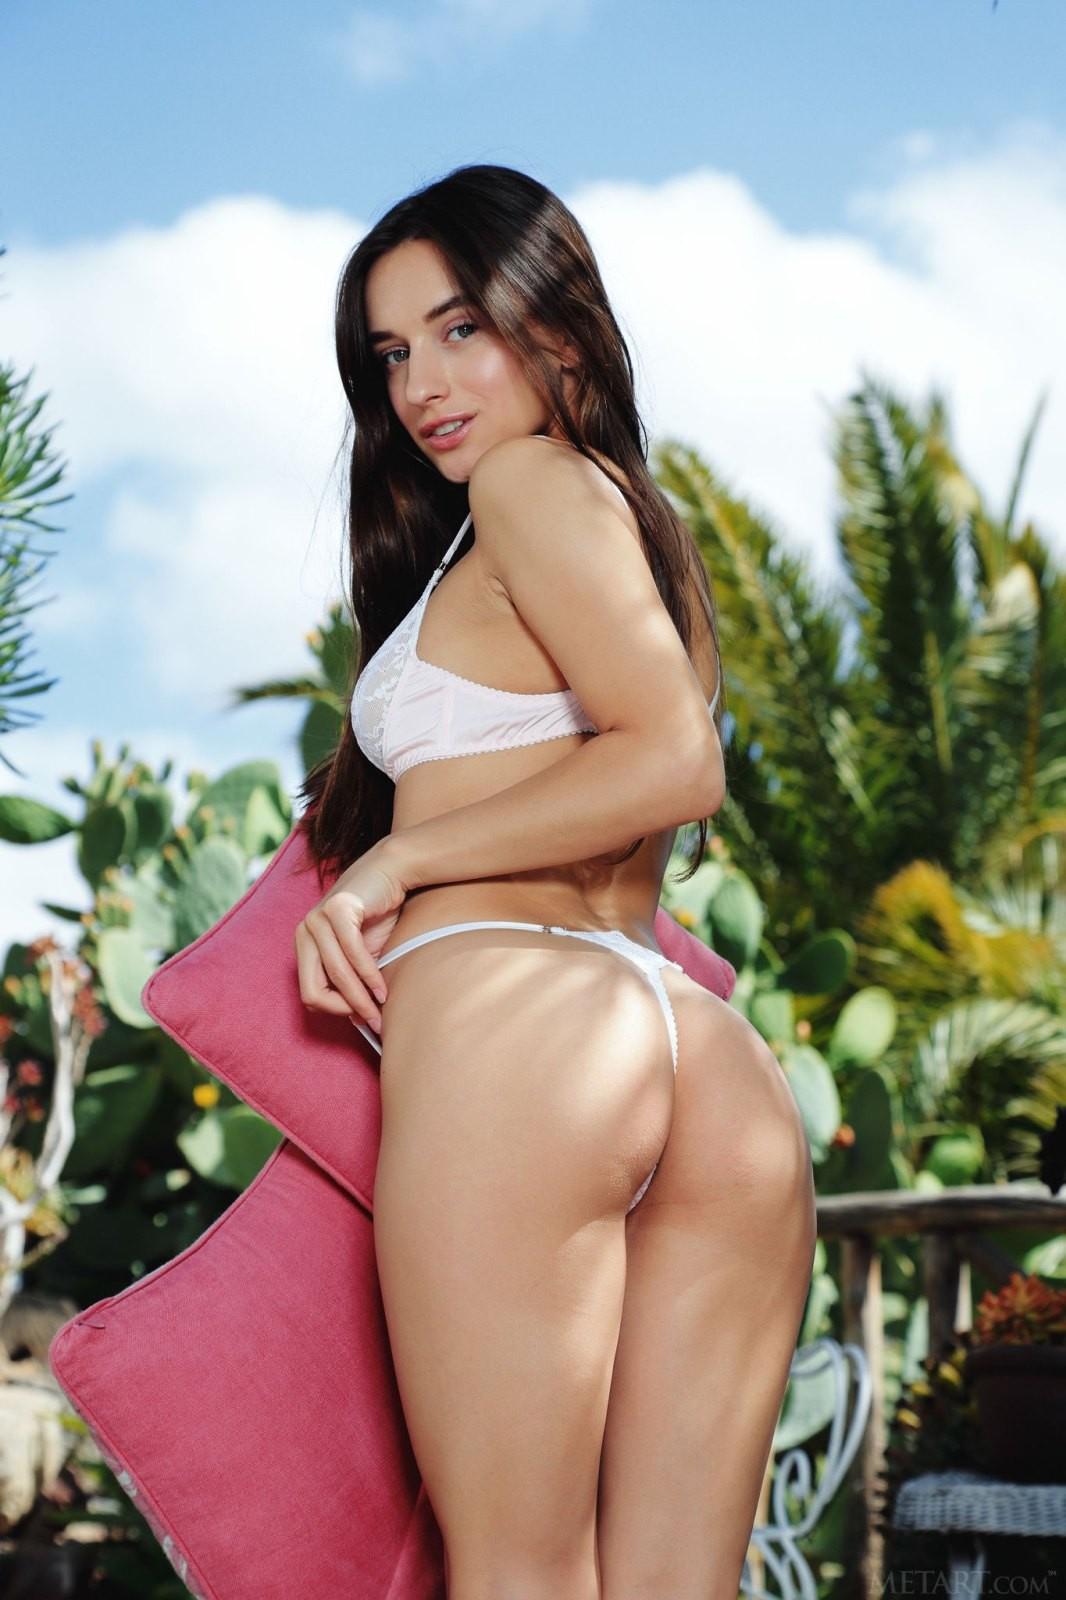 Красивая девушка в белых трусиках - фото